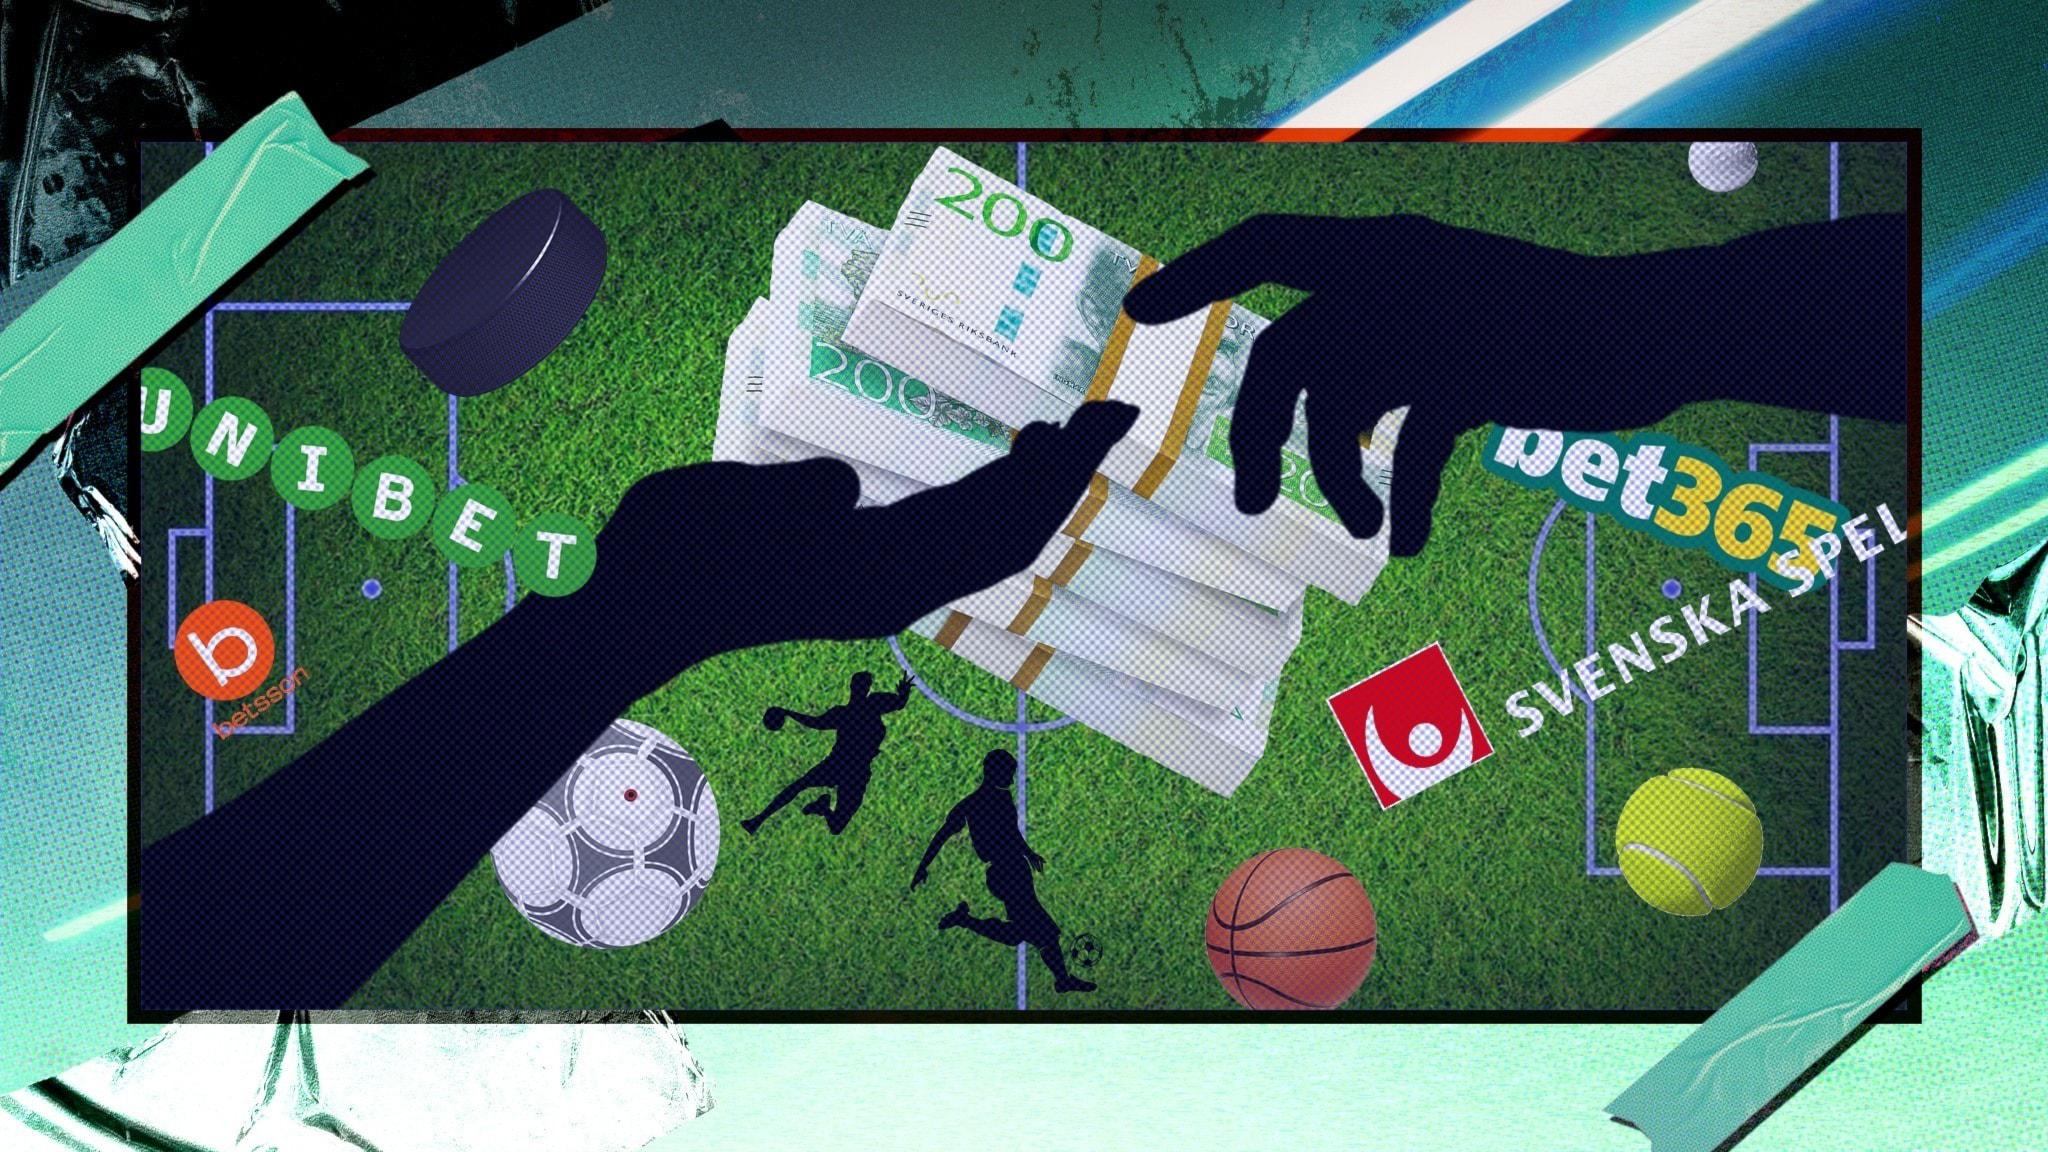 Kollage av sporter och mutbrott